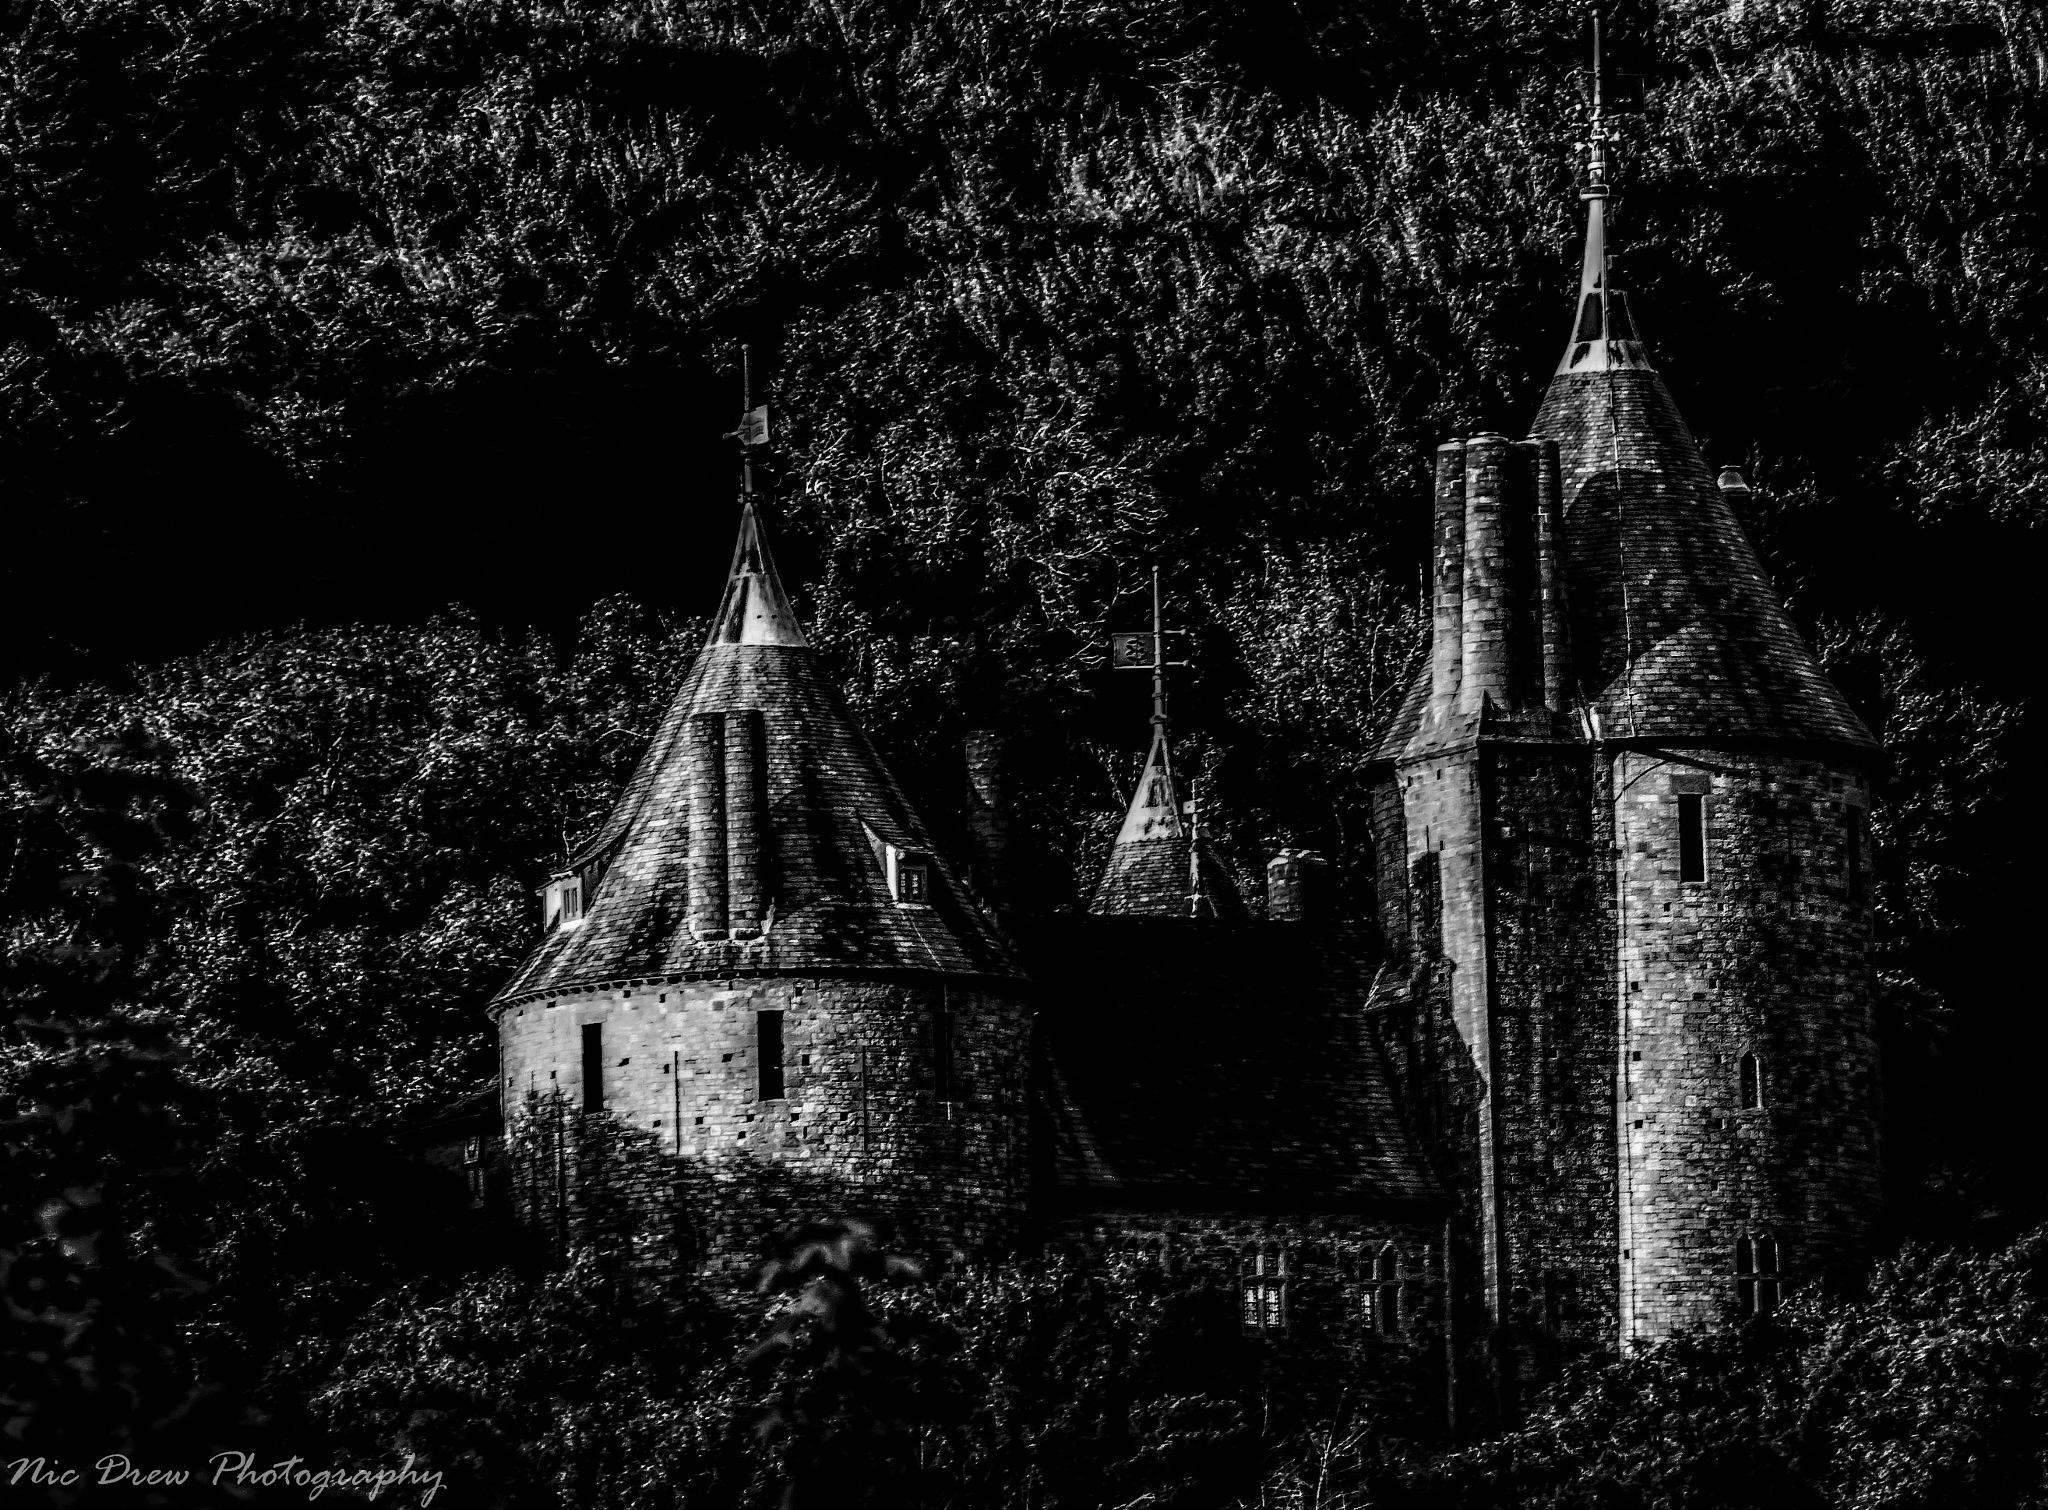 Gothic by Nic Drew